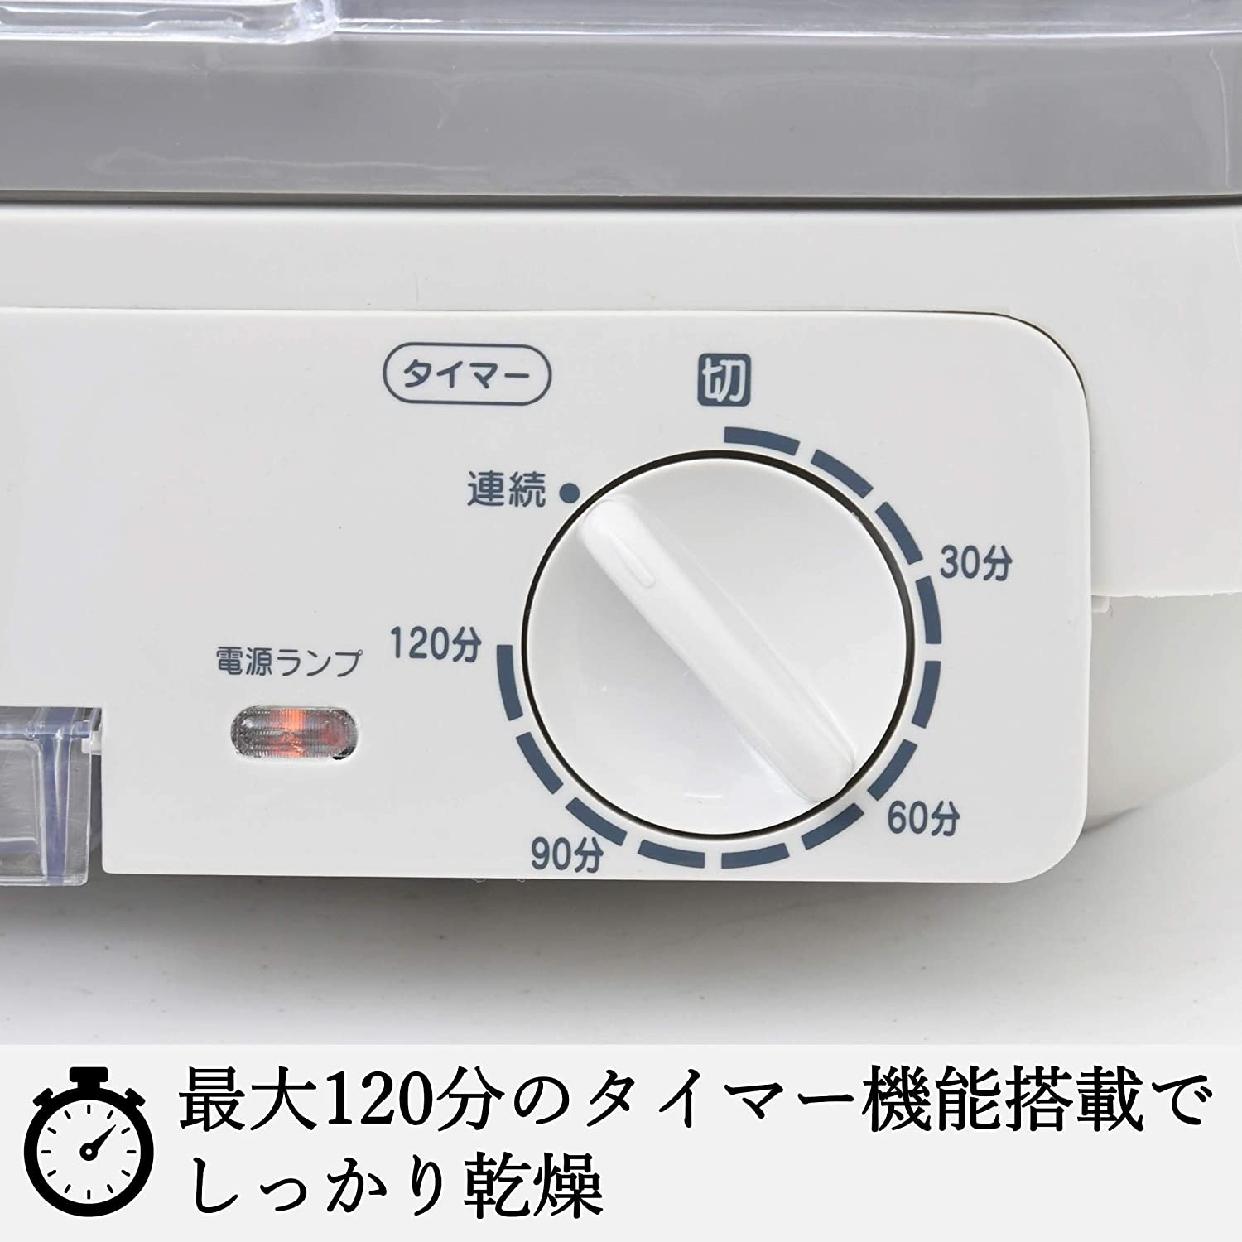 山善(YAMAZEN) 食器乾燥機 YD-180の商品画像4